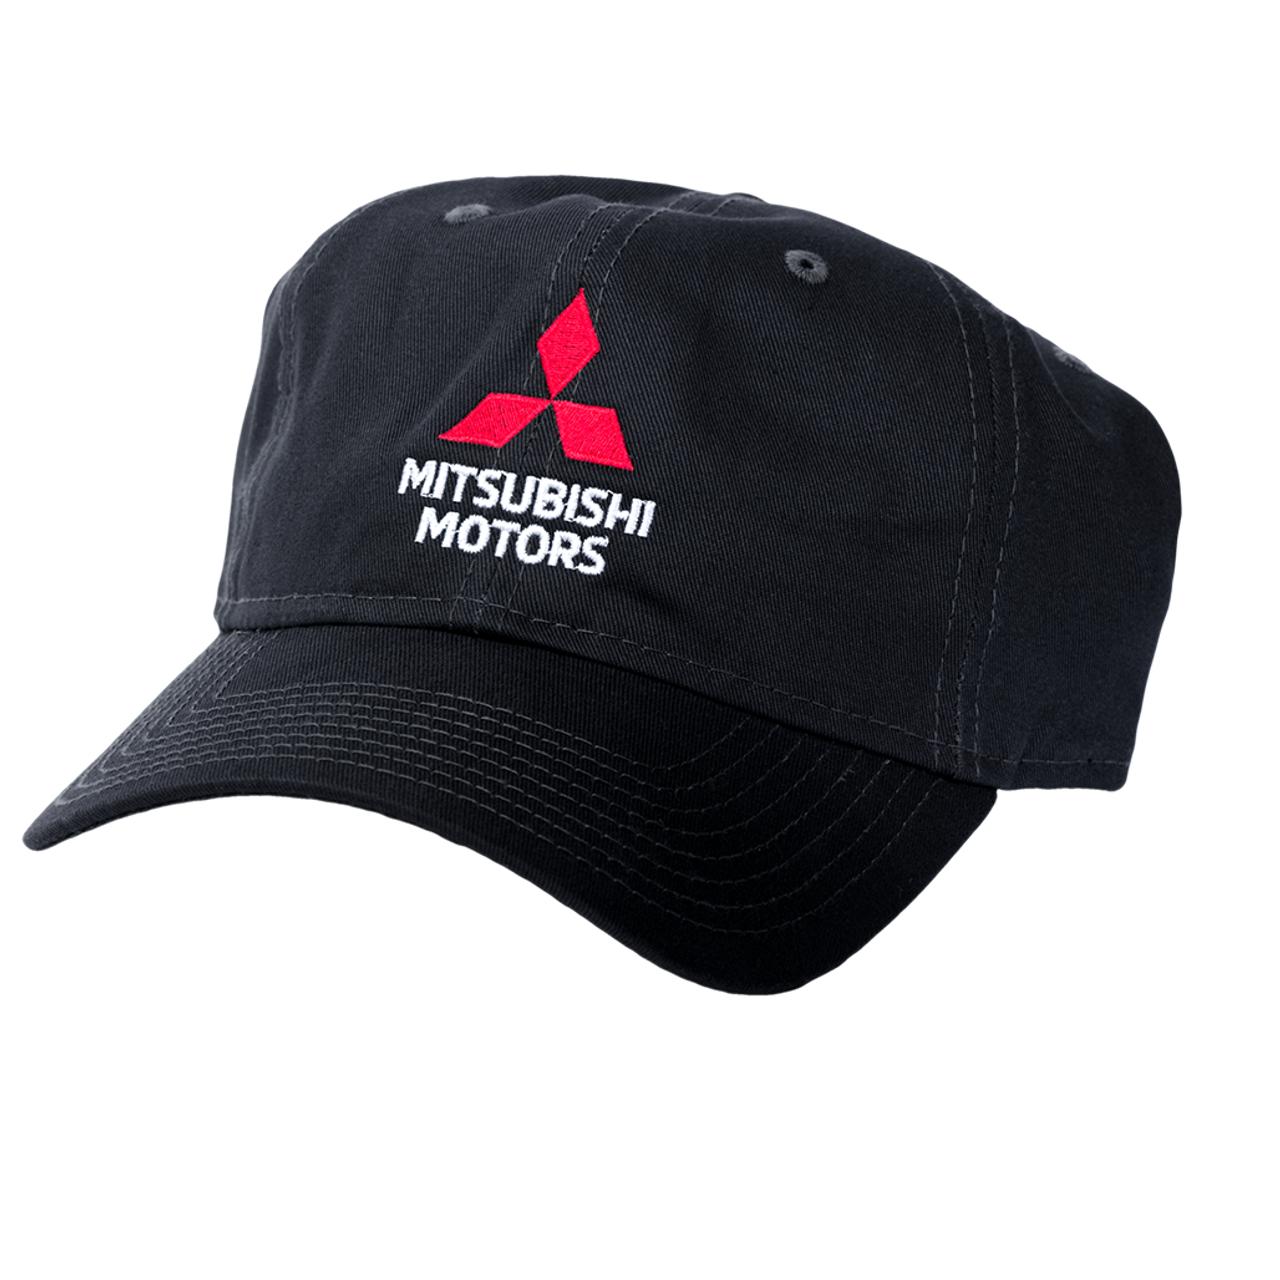 New Era Unstructured Hat